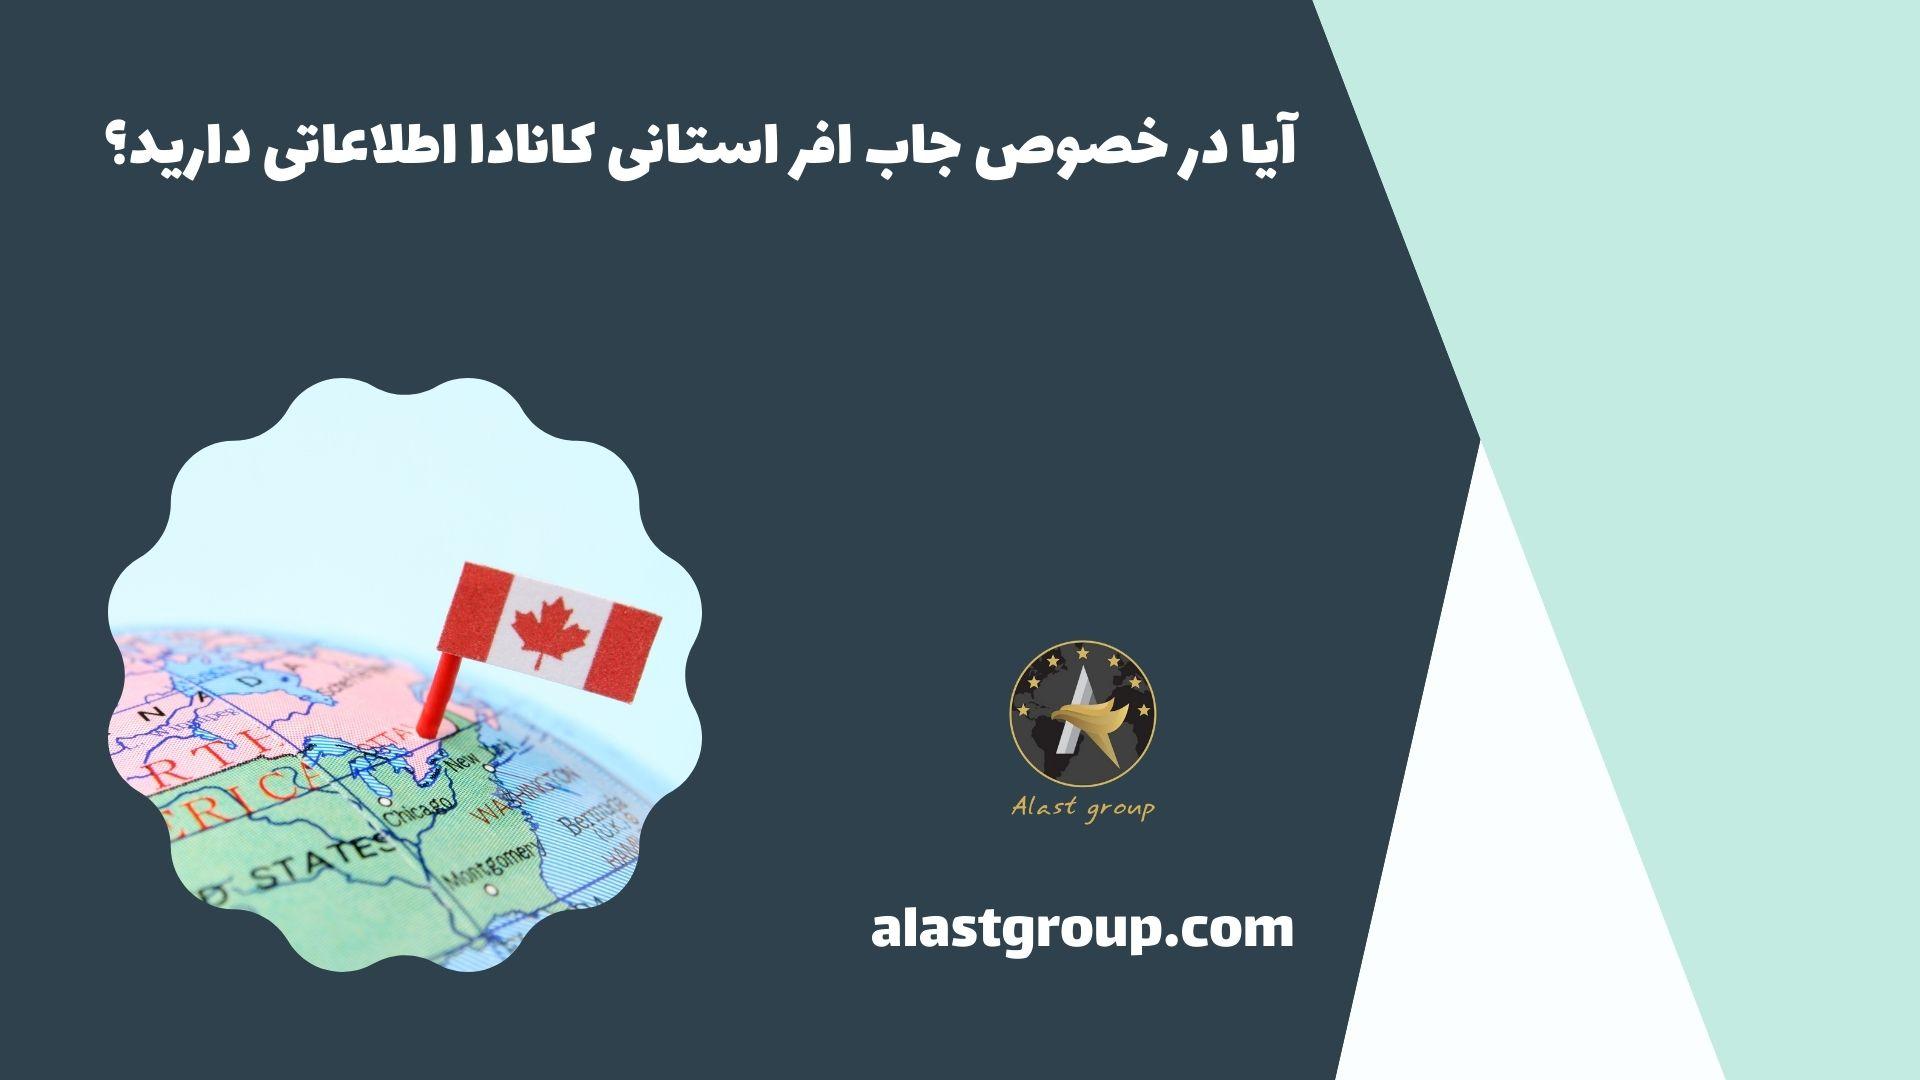 آیا در خصوص جاب آفر استانی کانادا اطلاعاتی دارید؟